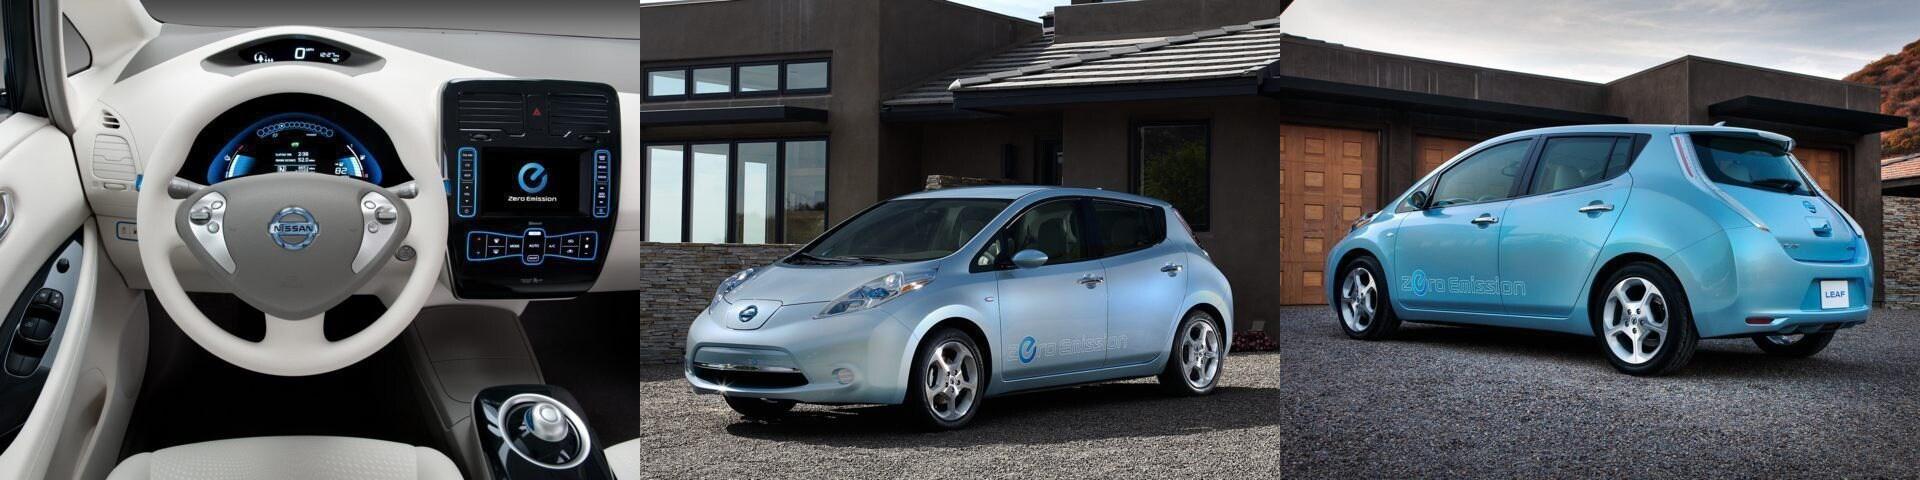 Superb Eversource Energy Nissan LEAF EV Offer   Swanzey, NH